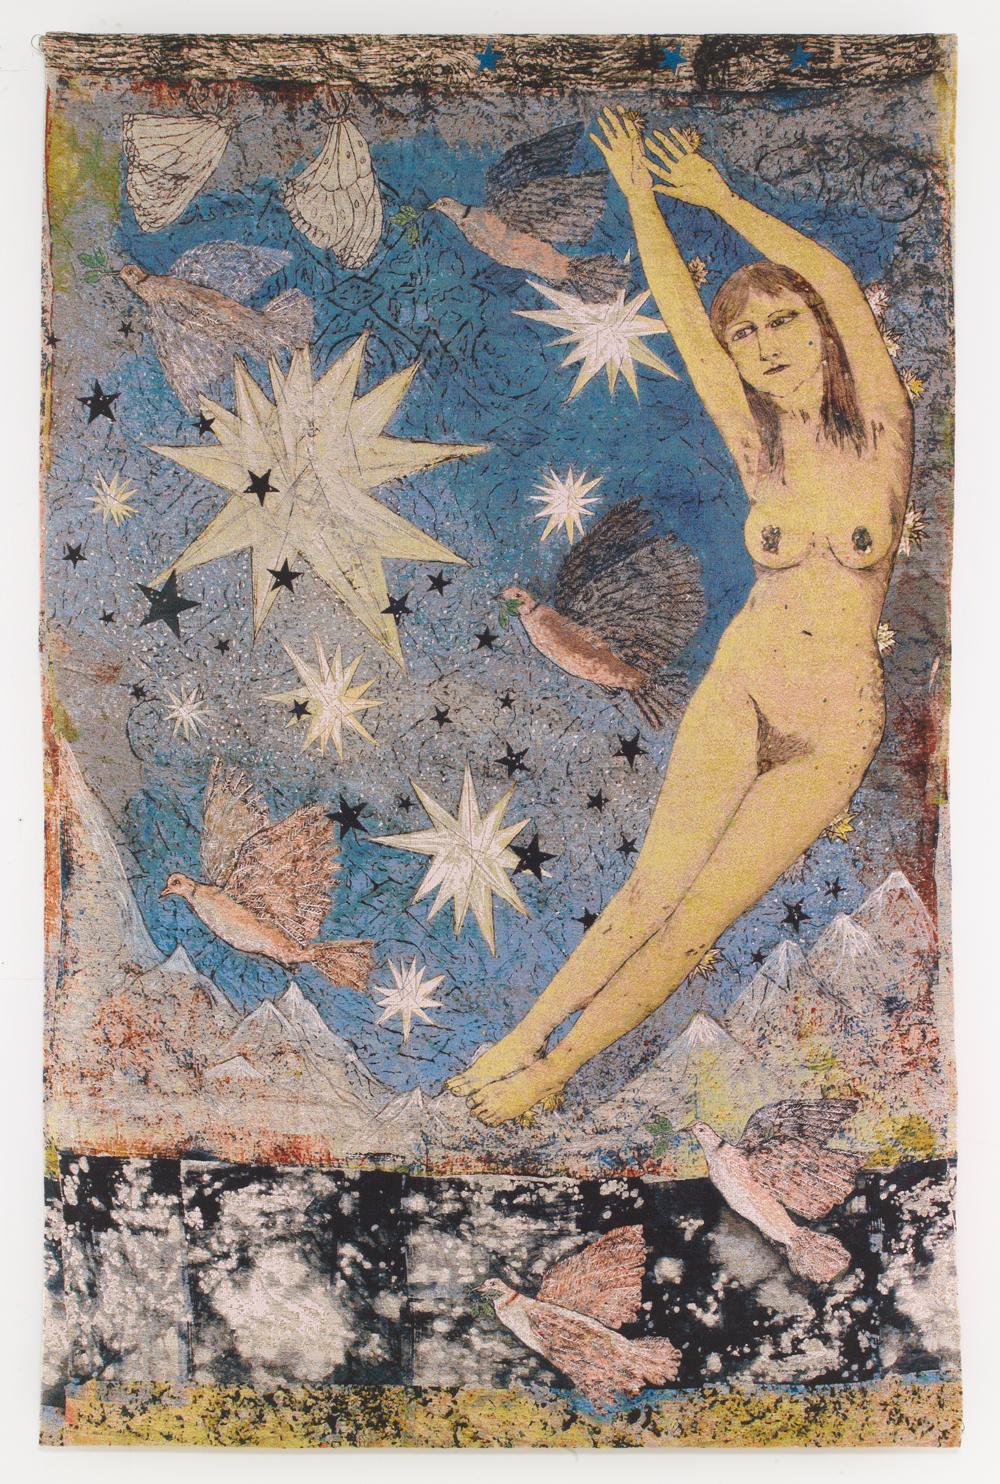 L'oeuvre de Kiki Smith exposée à la Monnaie de Paris